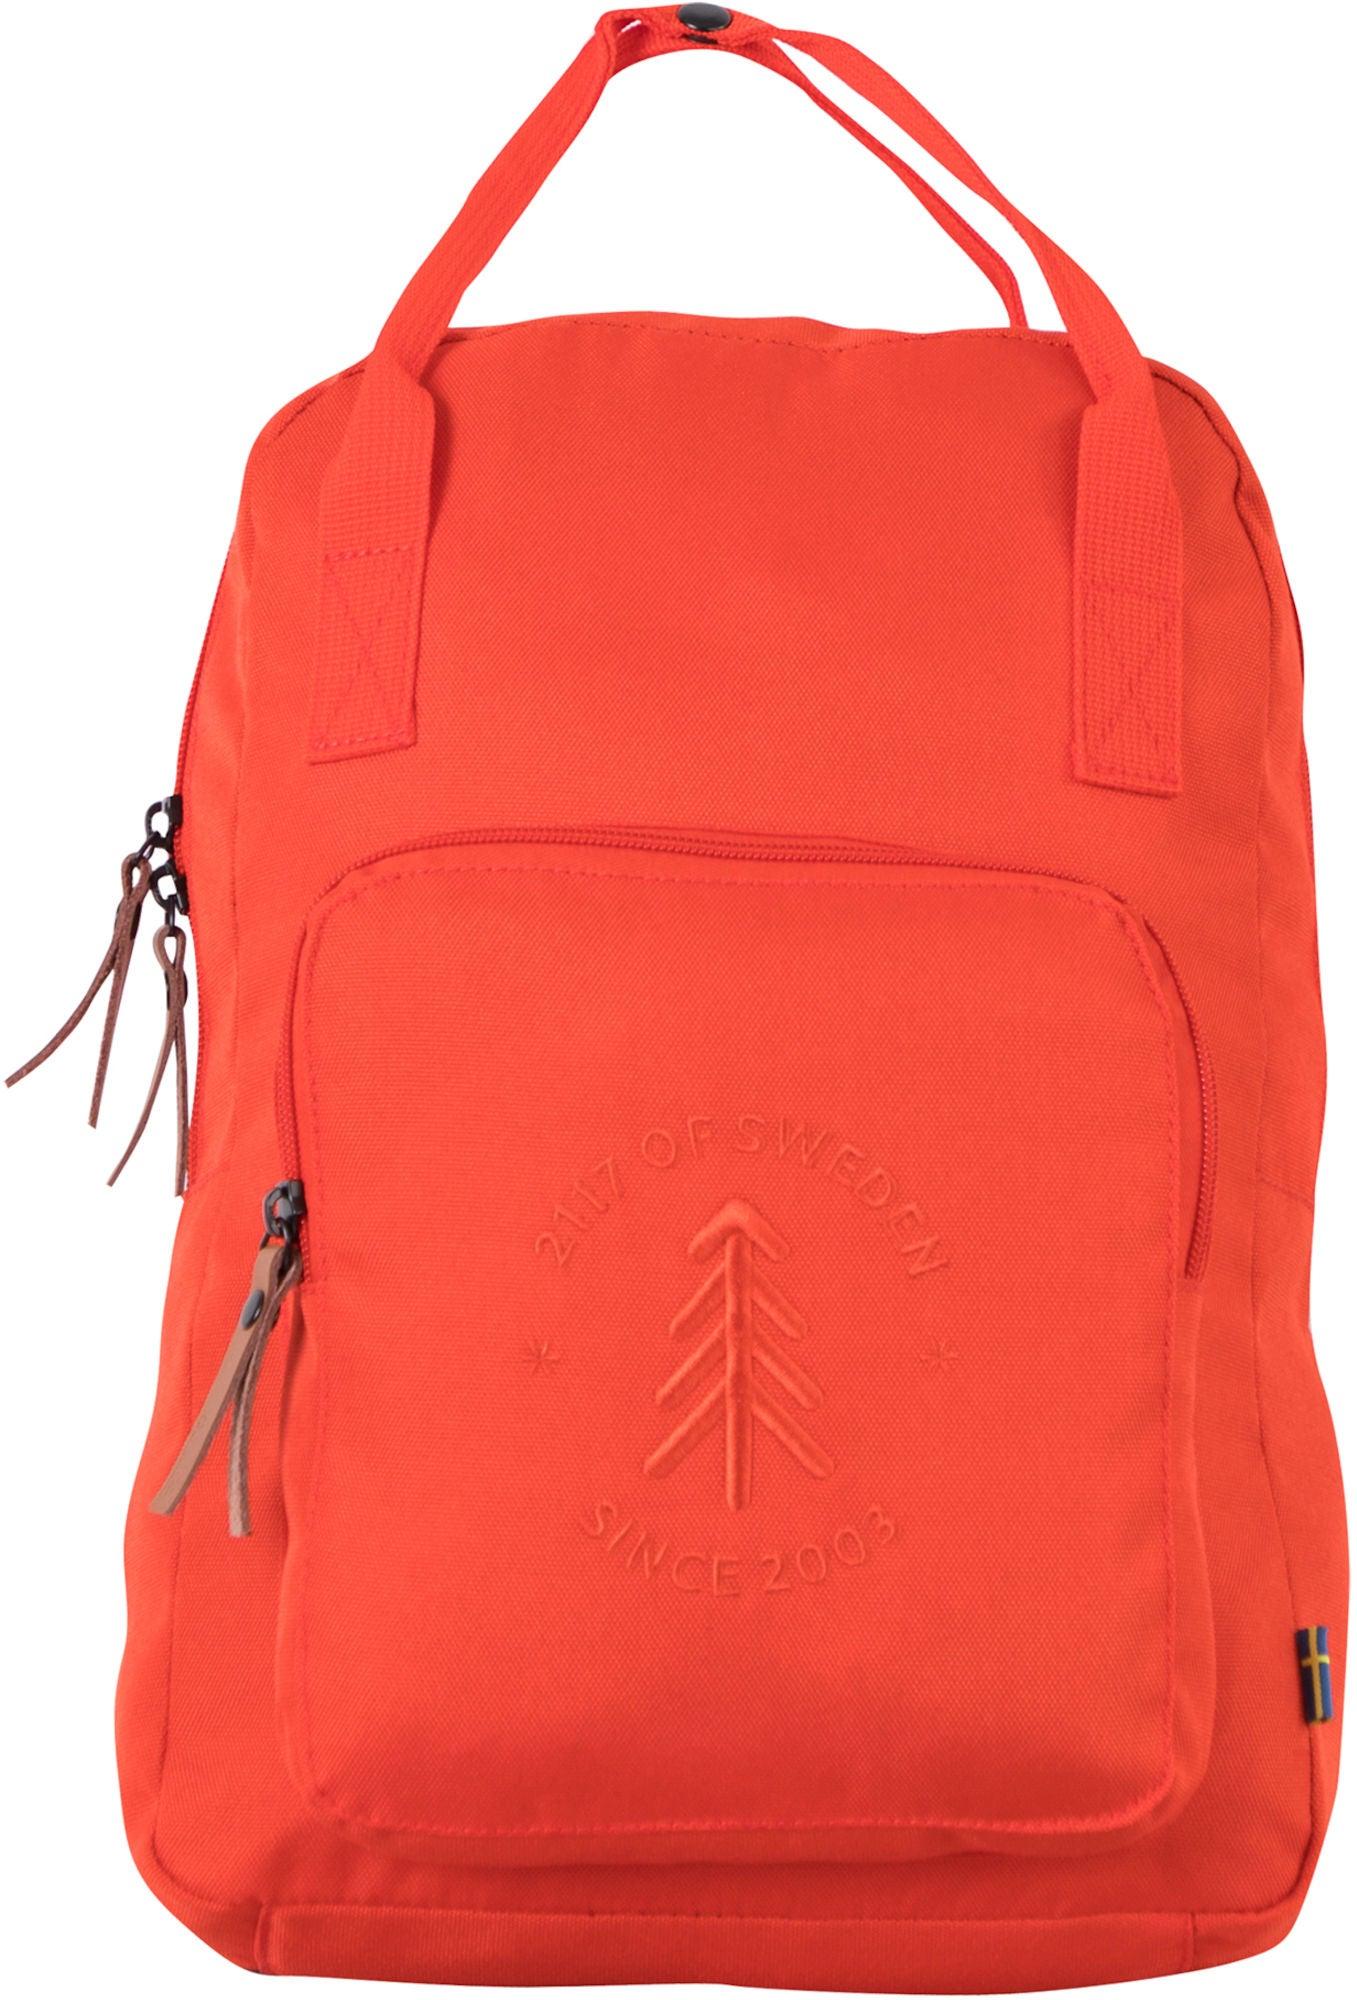 2117 Stevik Ryggsekk 15L, Orange